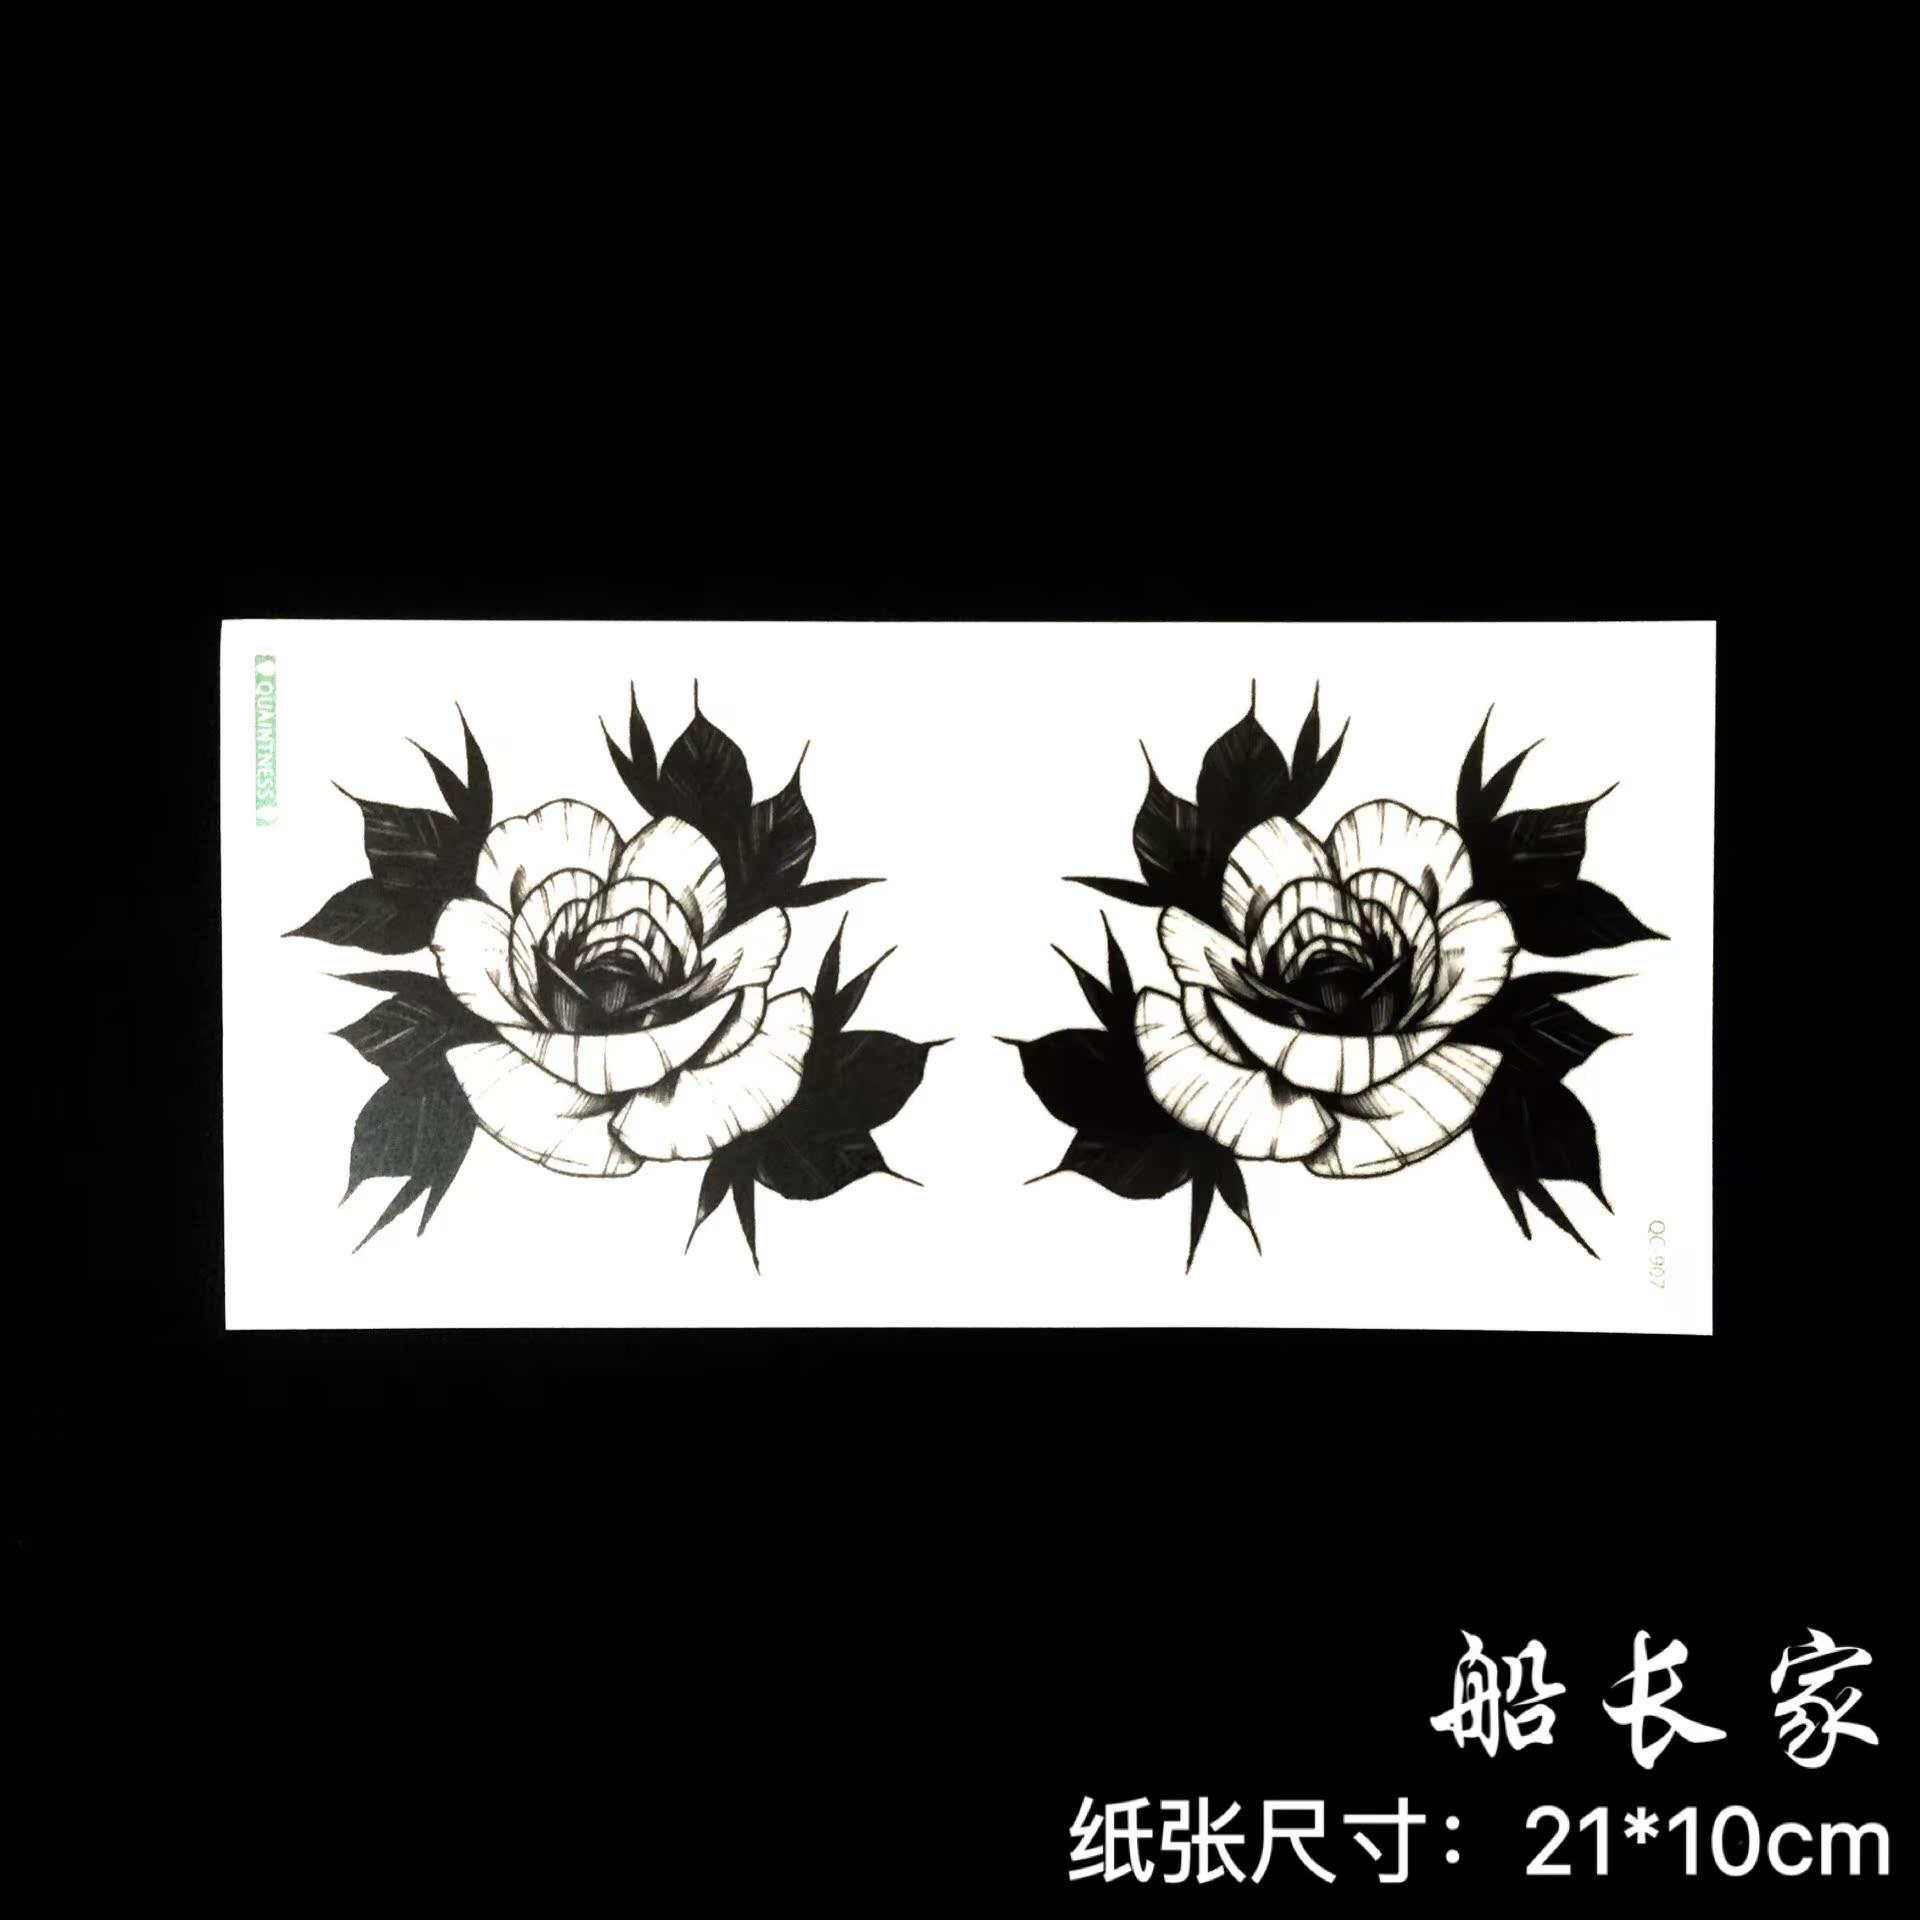 热卖防水纹身贴女款 影楼写真拍照 遮疤痕 黑白玫瑰花 手臂腿腰胸性感